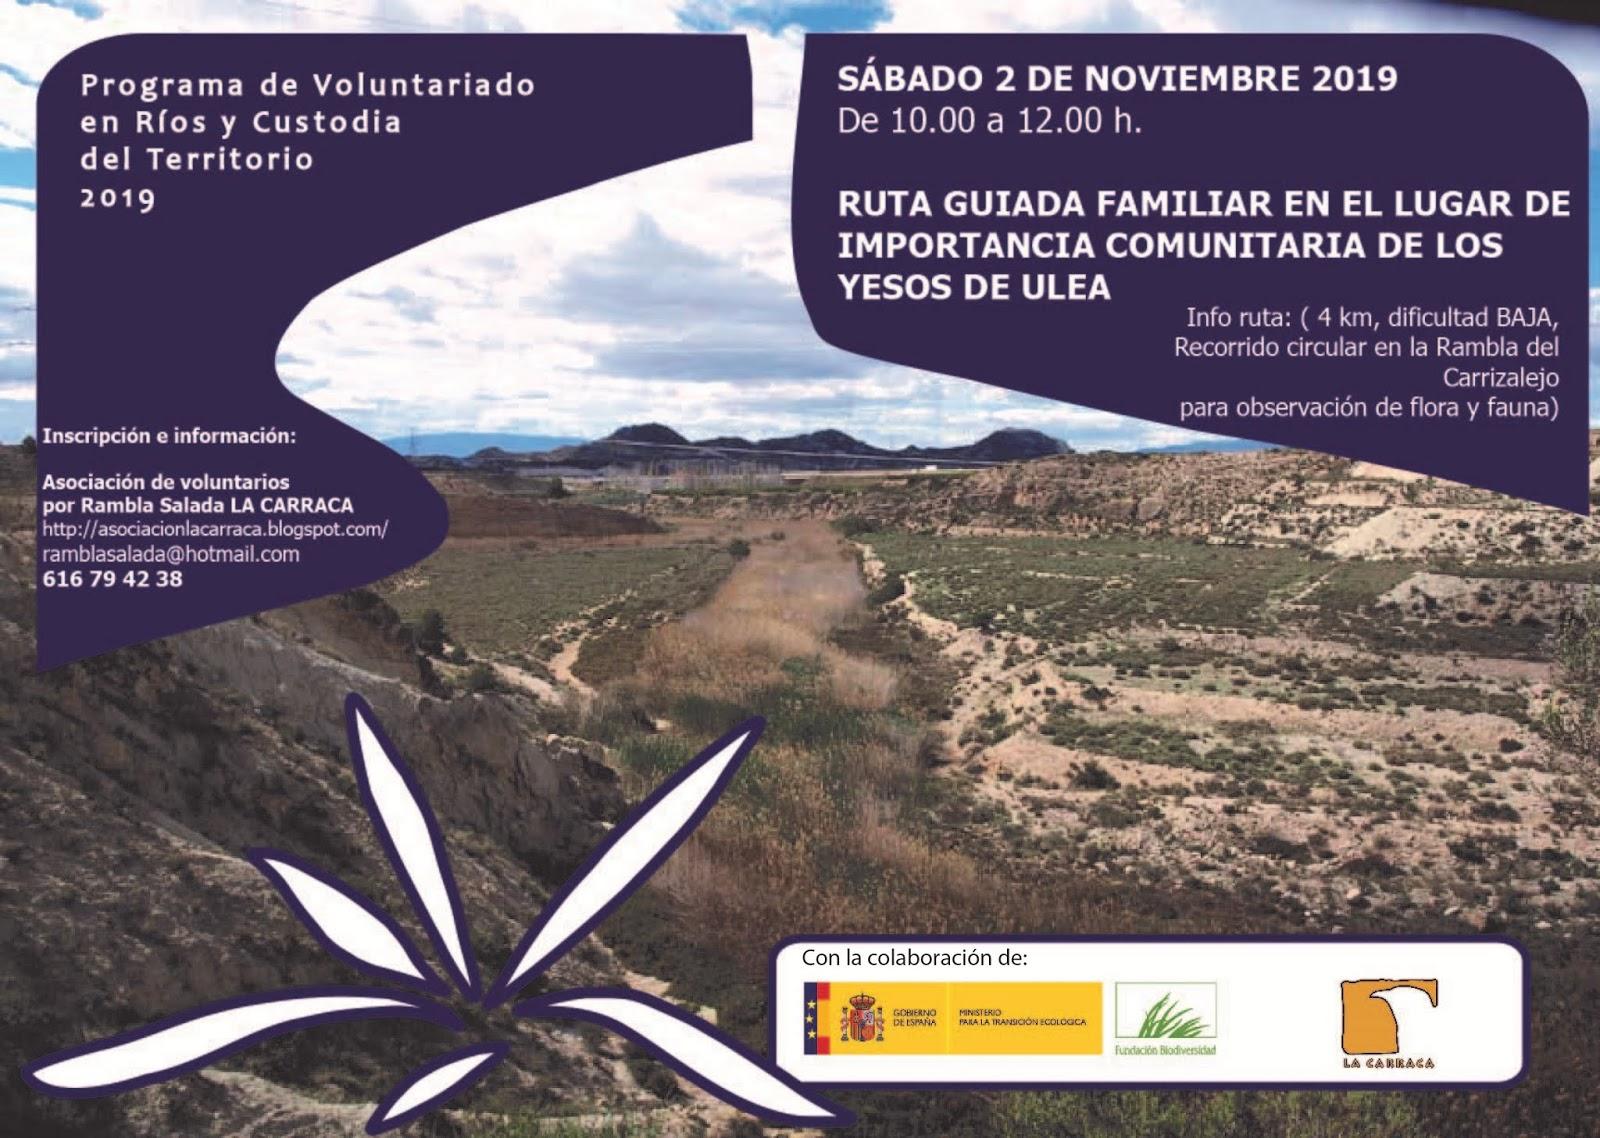 Ruta familiar en los yesos de Ulea, con La Carraca